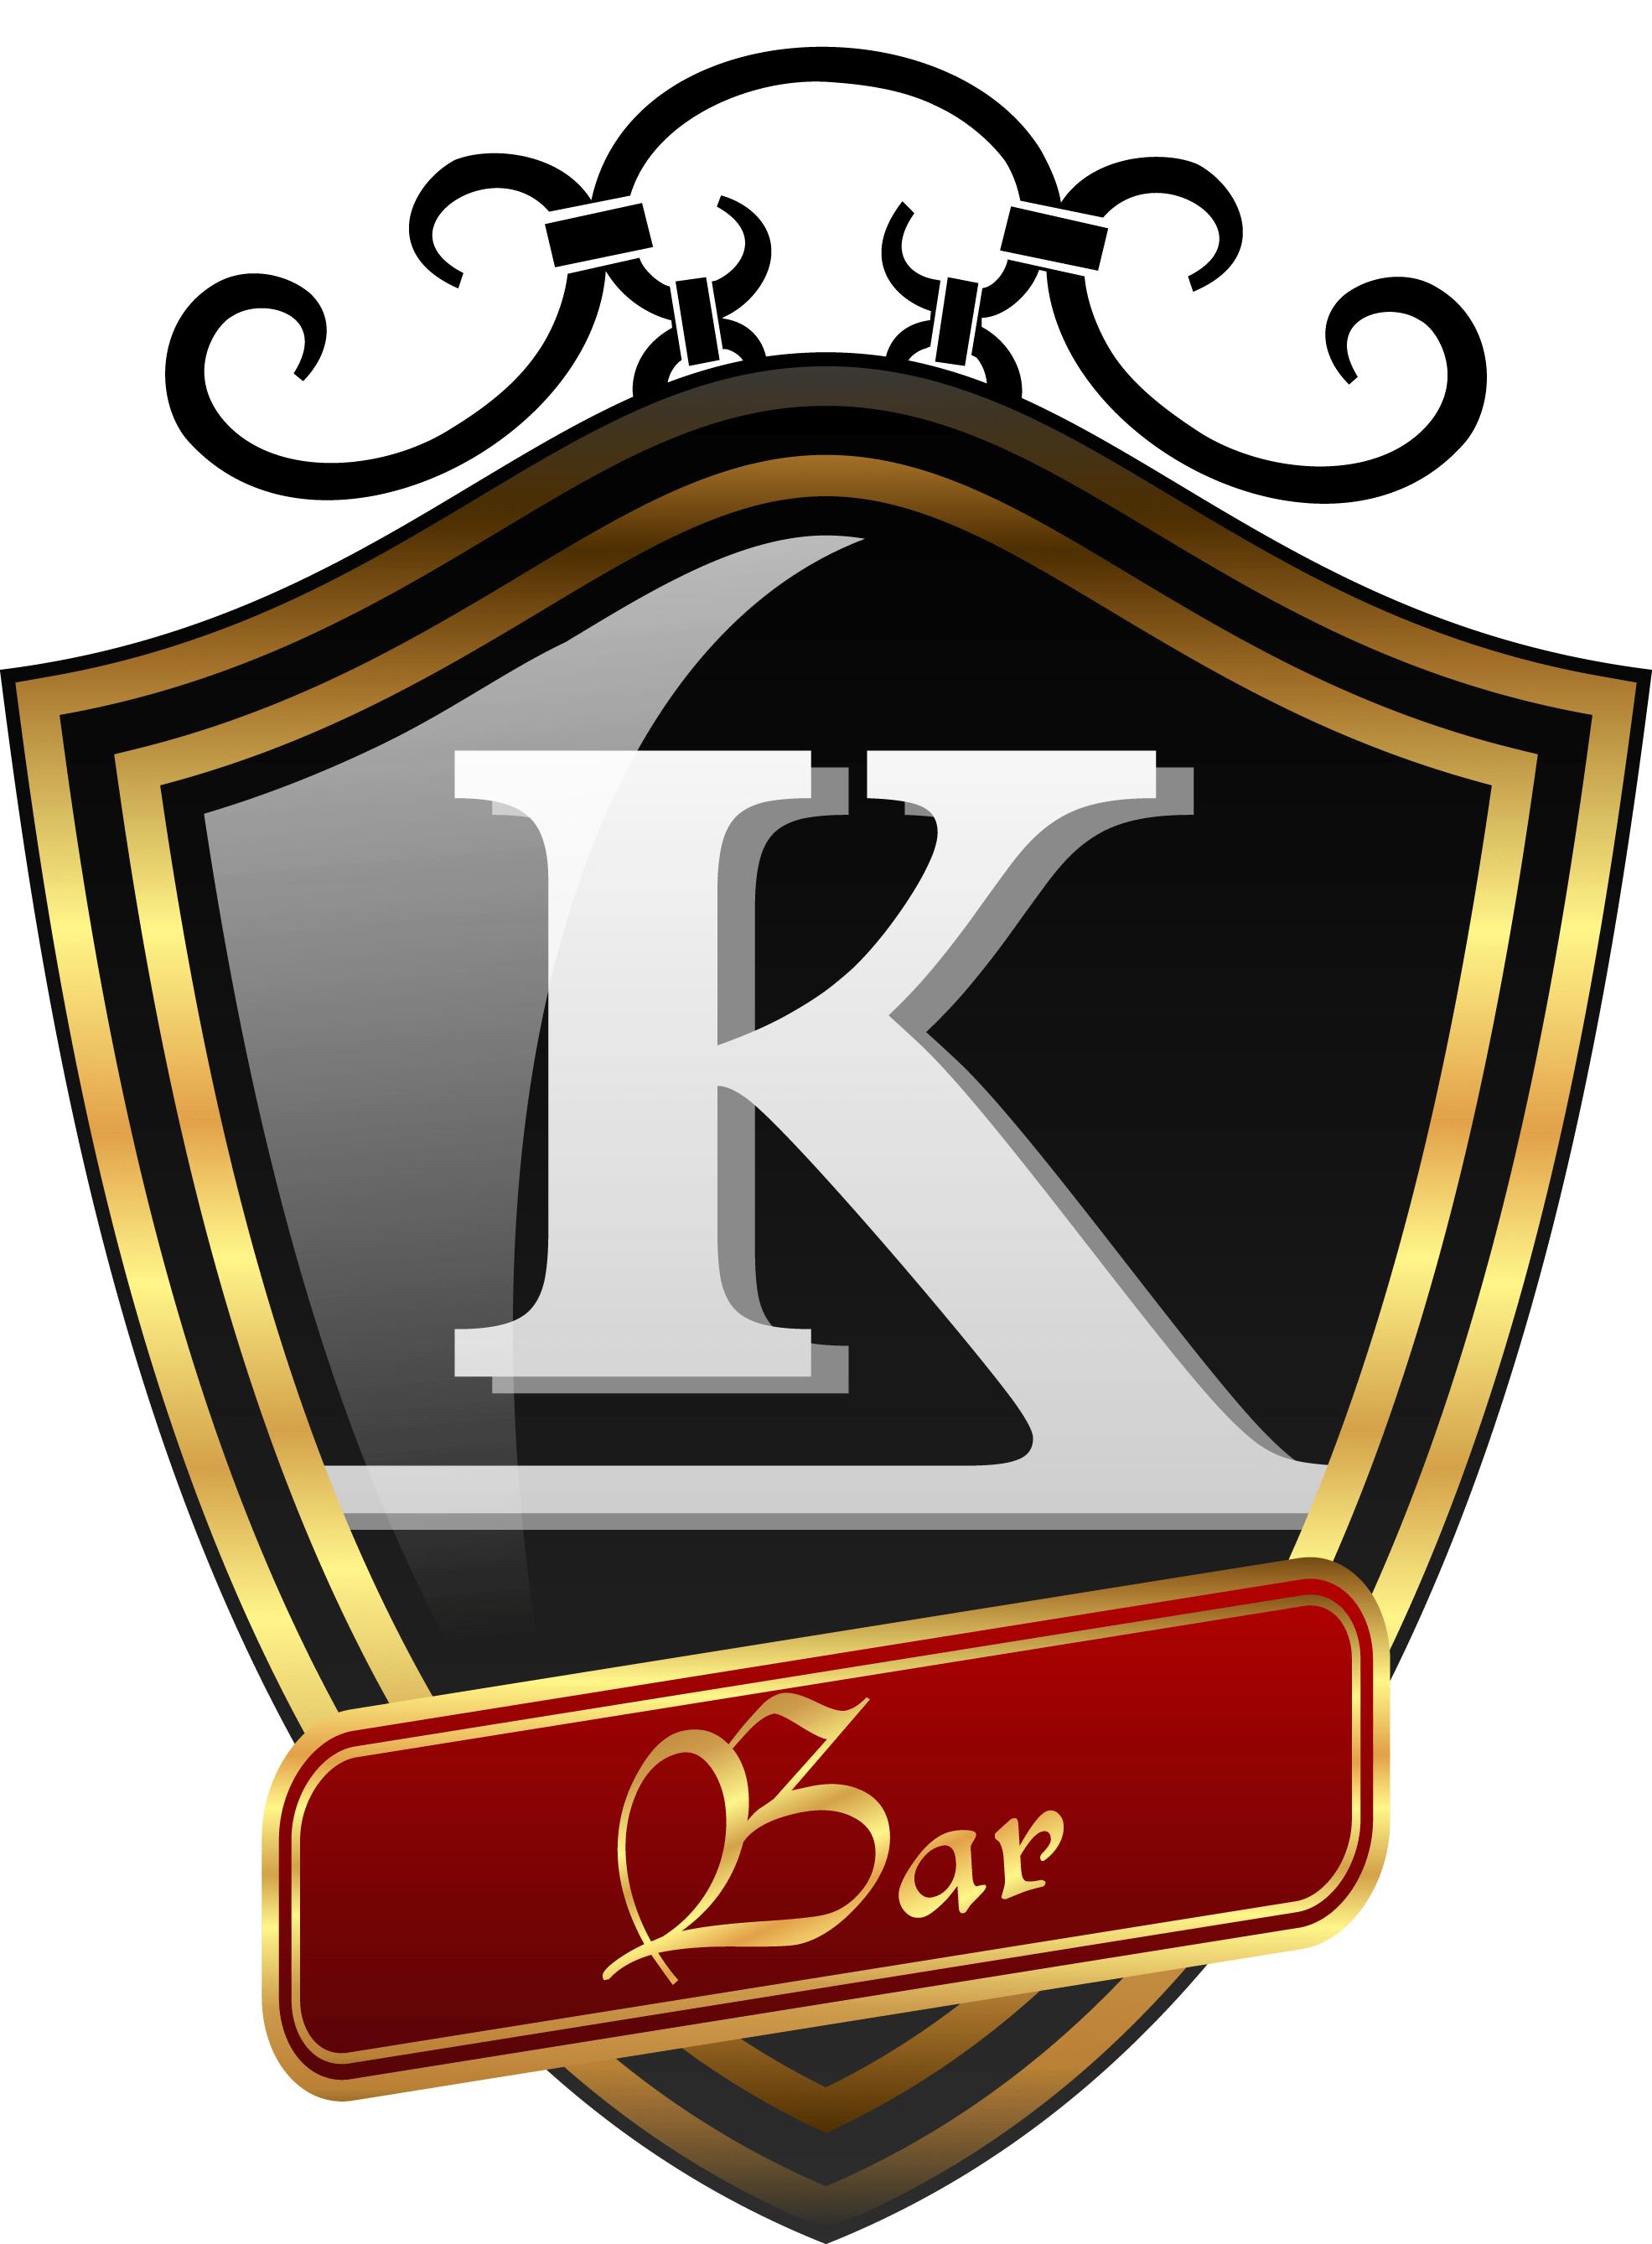 Ilves-Verkosto - Bar K